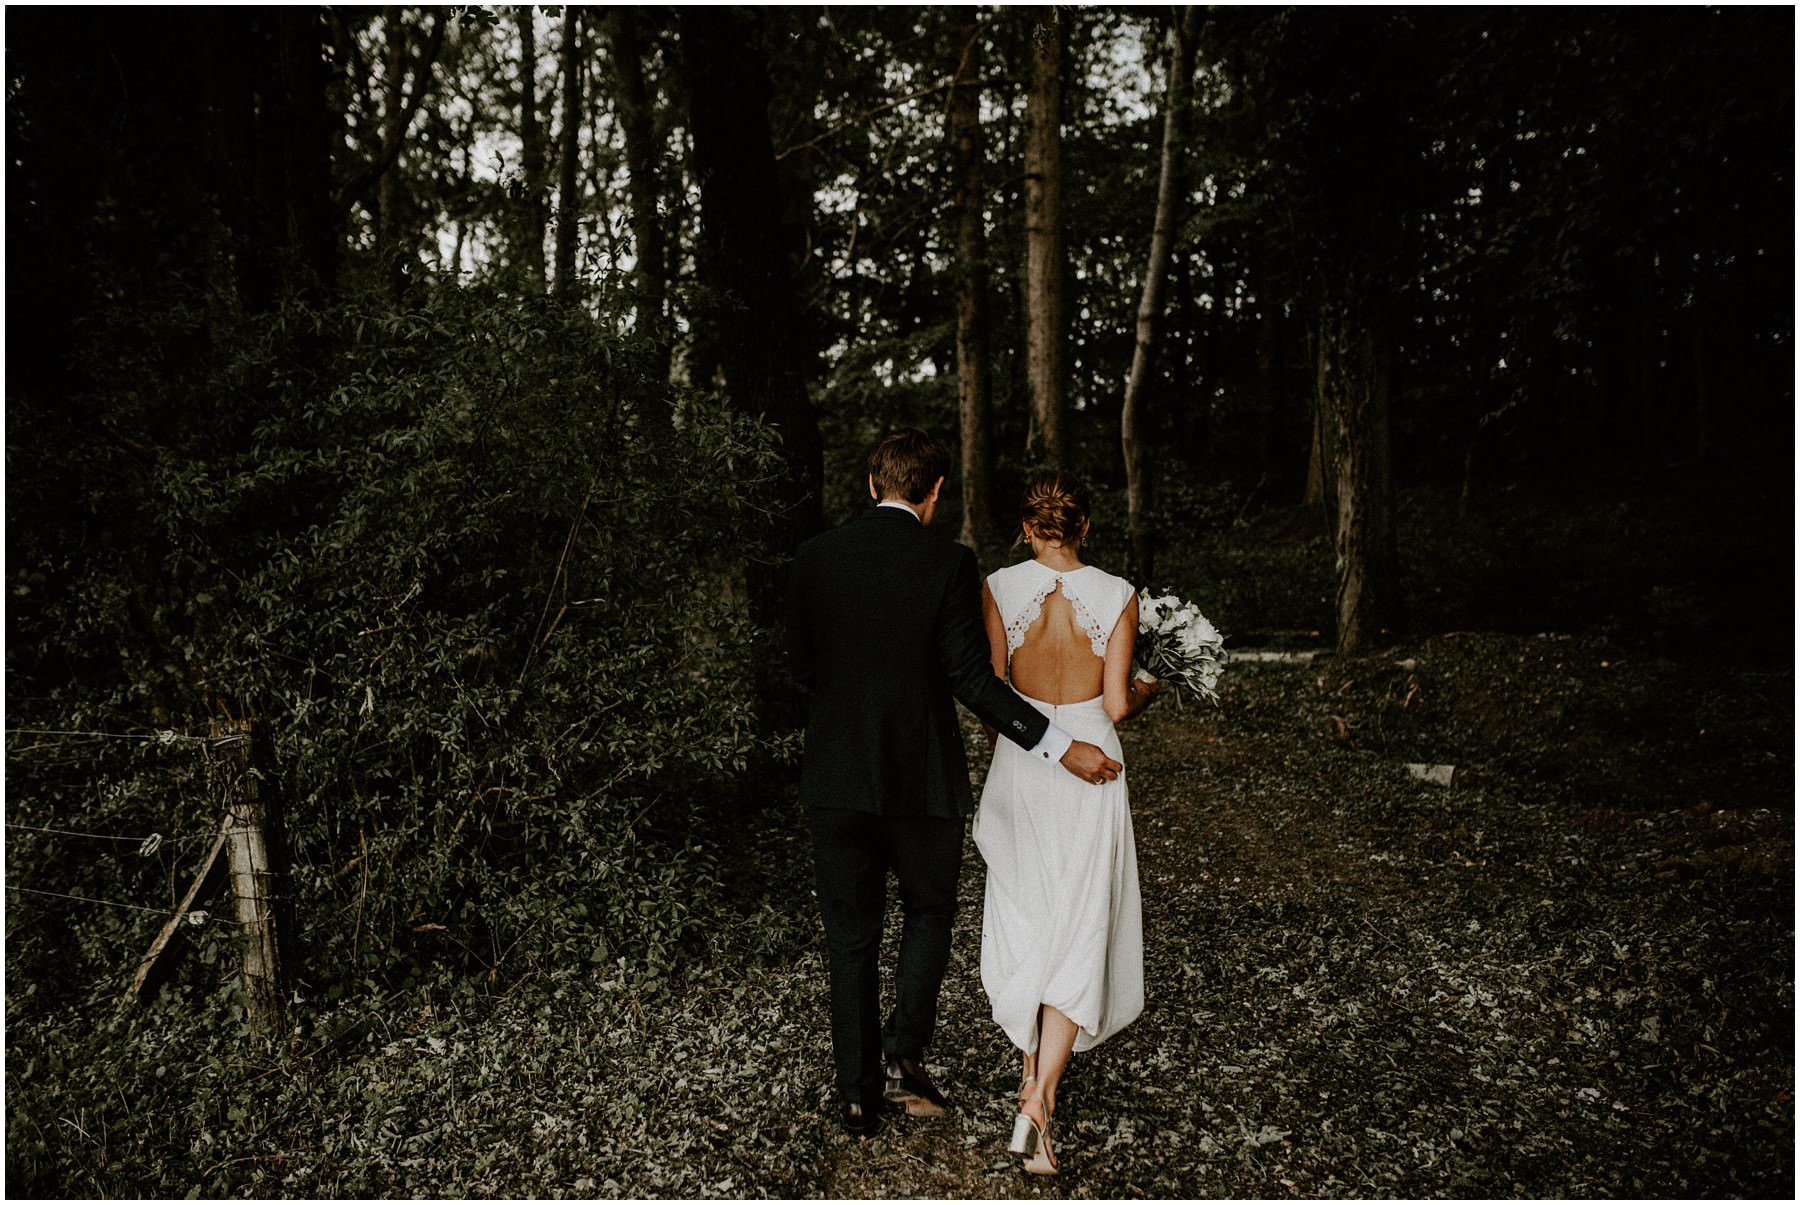 Hochzeitsfotograf München Bayern Gut Romenthal Ammersee